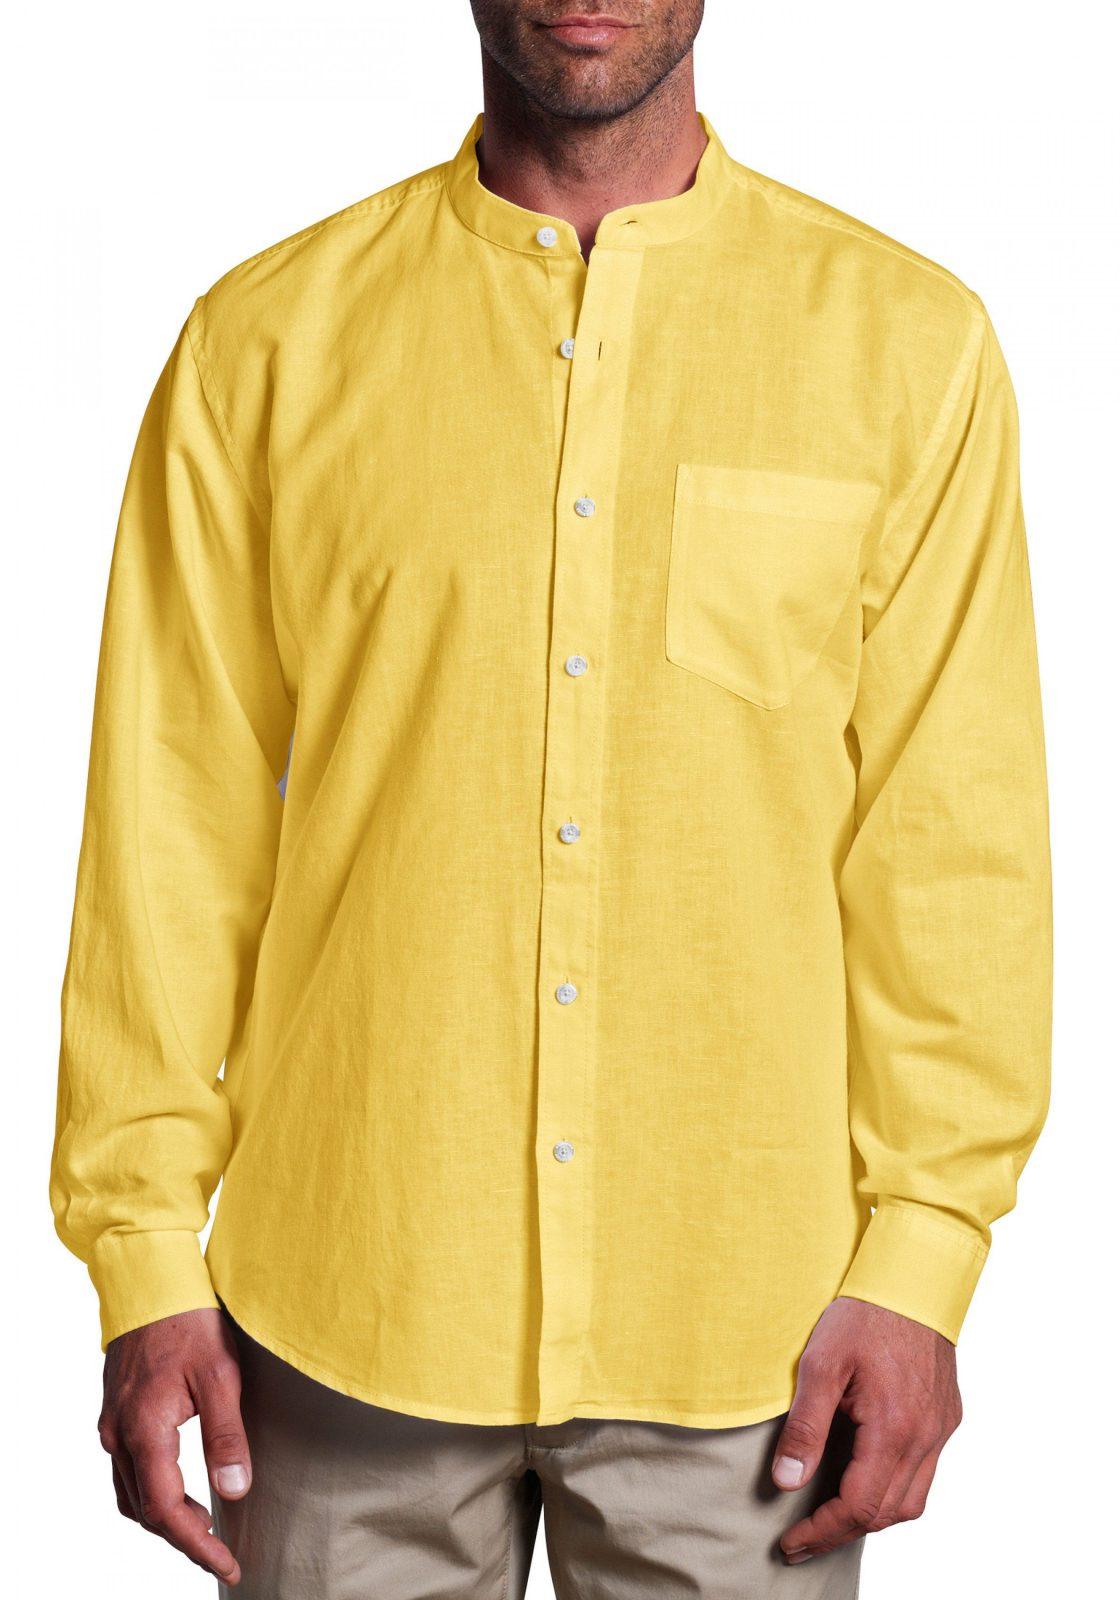 Eddie Bauer Stehkragenhemd Mit Leinen  Baur von Gutschein Eddie Bauer Versandkostenfrei Photo